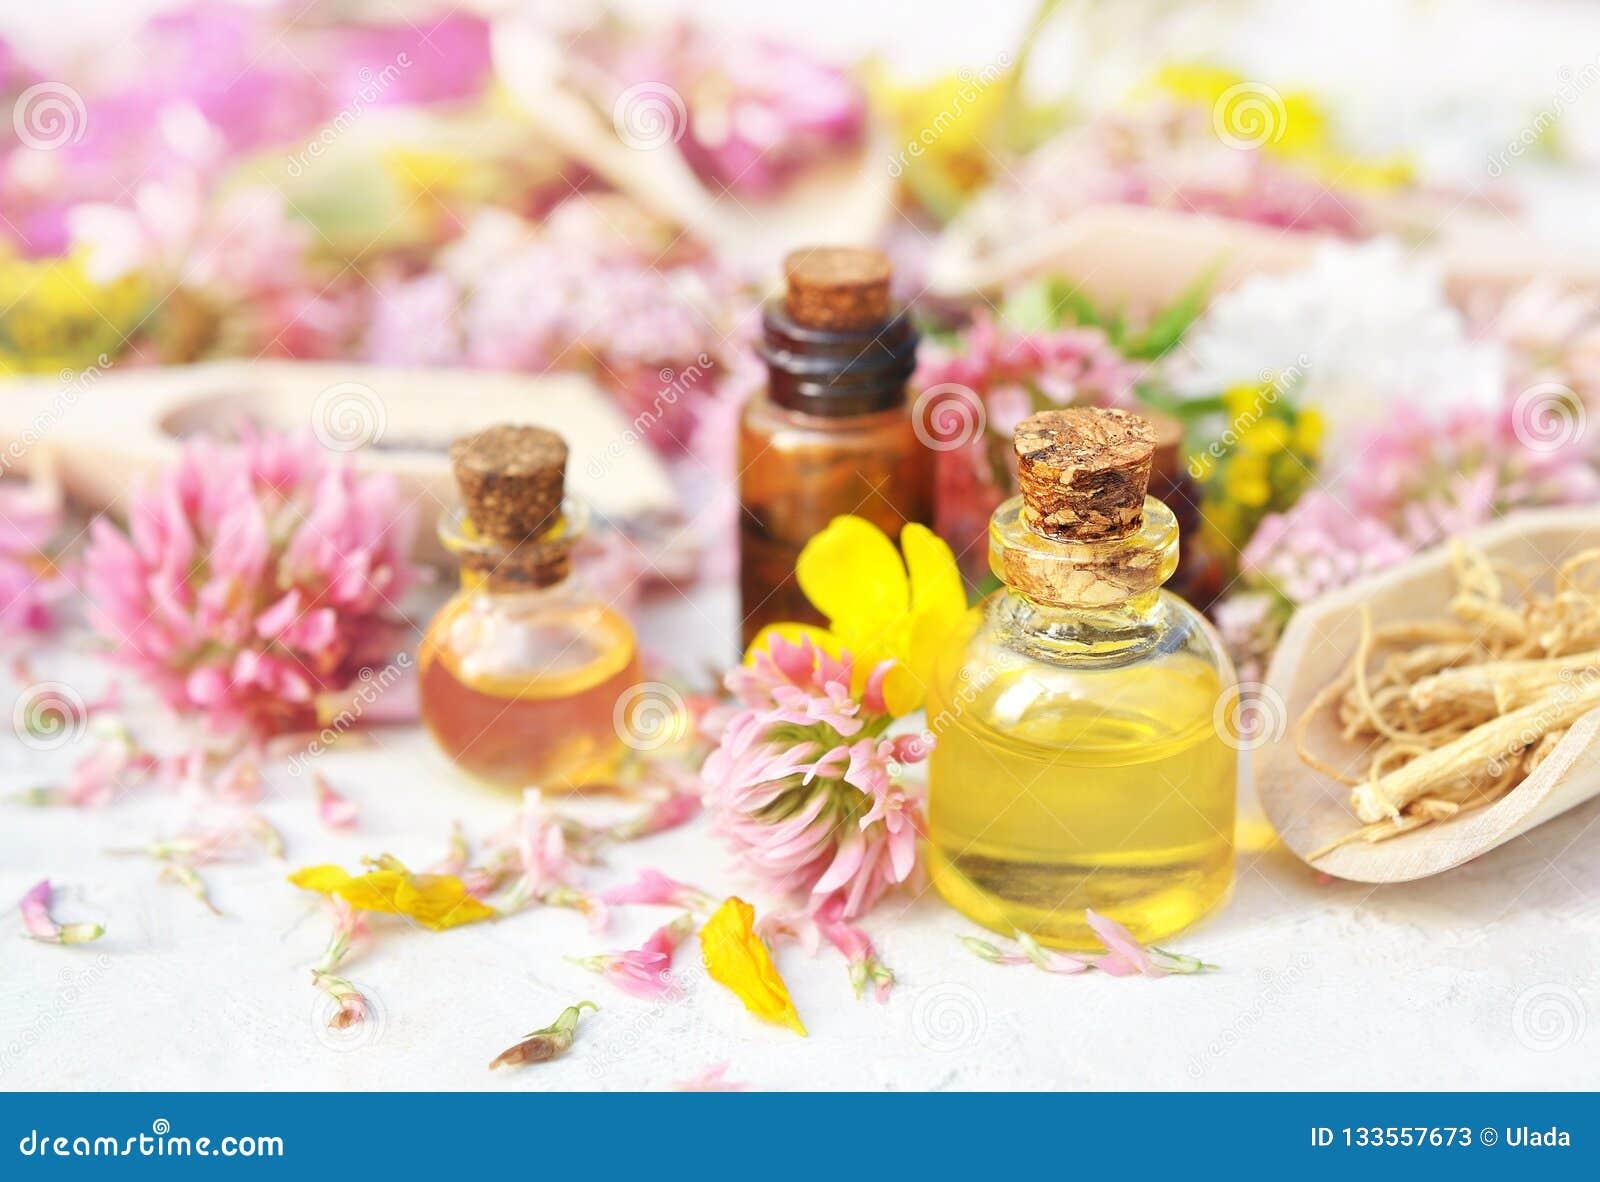 Botellas de aceite esencial en fondo medicinal de las flores y de las hierbas